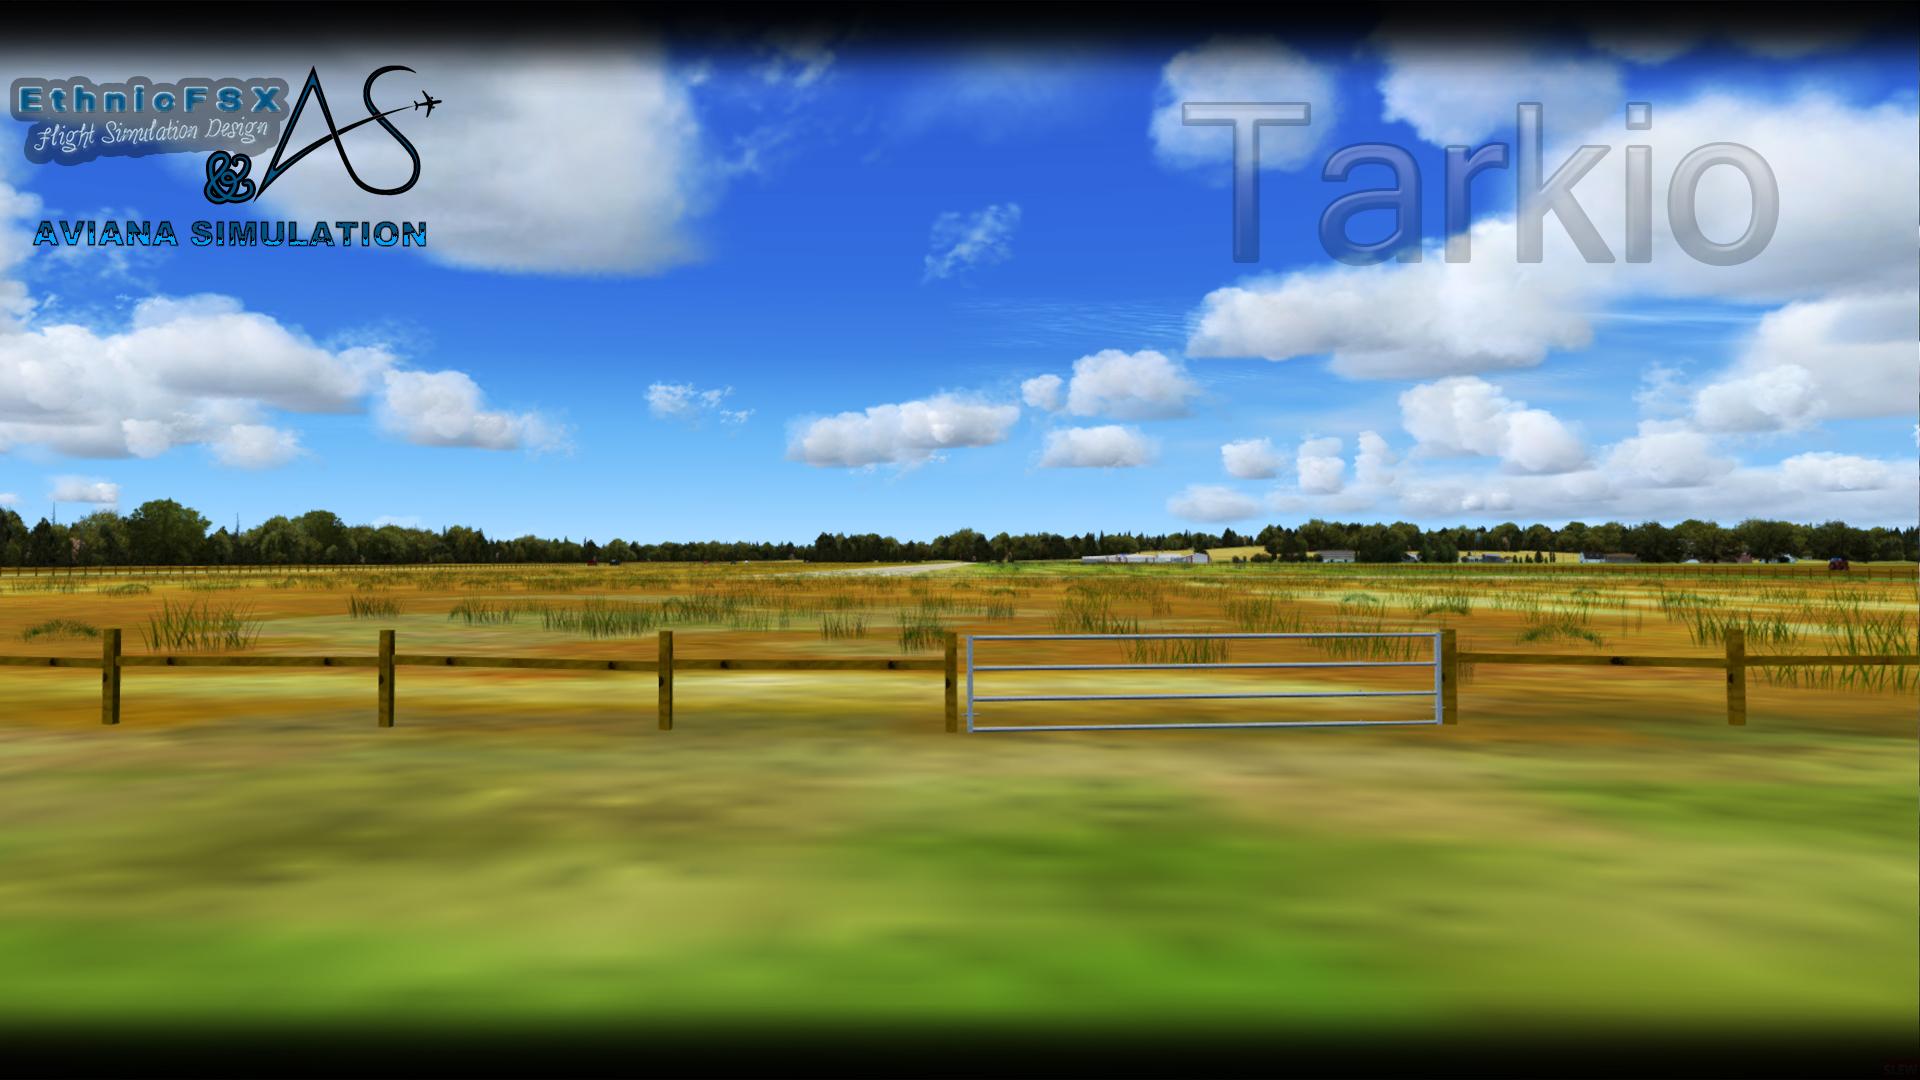 TarkioAS-49.jpg